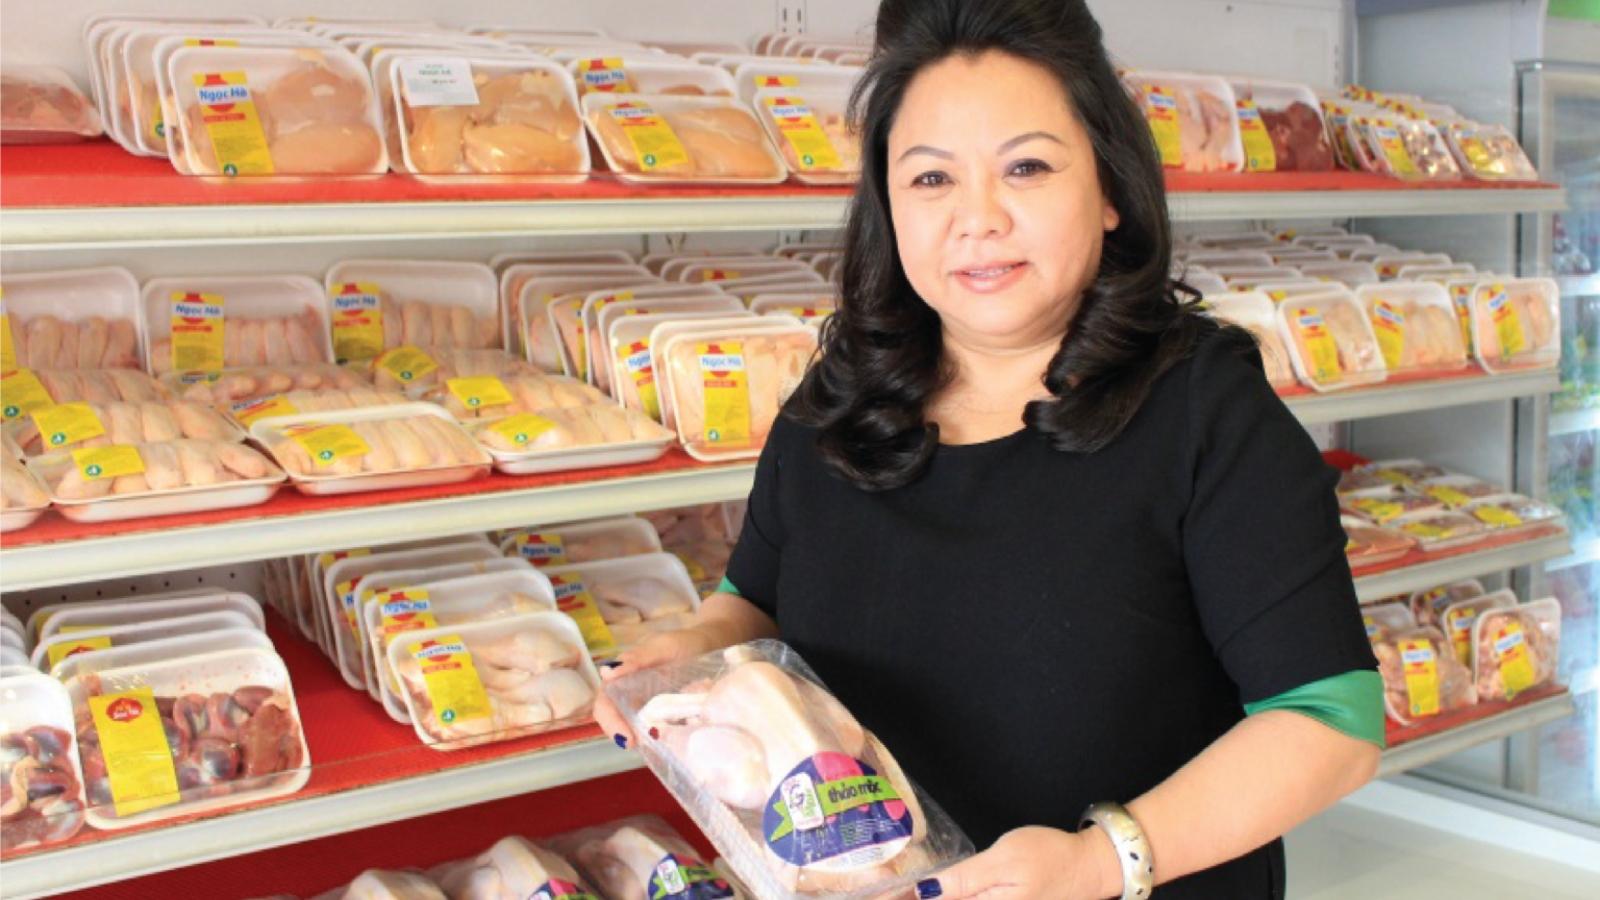 """Thua lỗ 1 tỷ đồng/ngày, doanh nhân Phan Thị Ngọc Hà than """"người tính không bằng trời tính"""""""